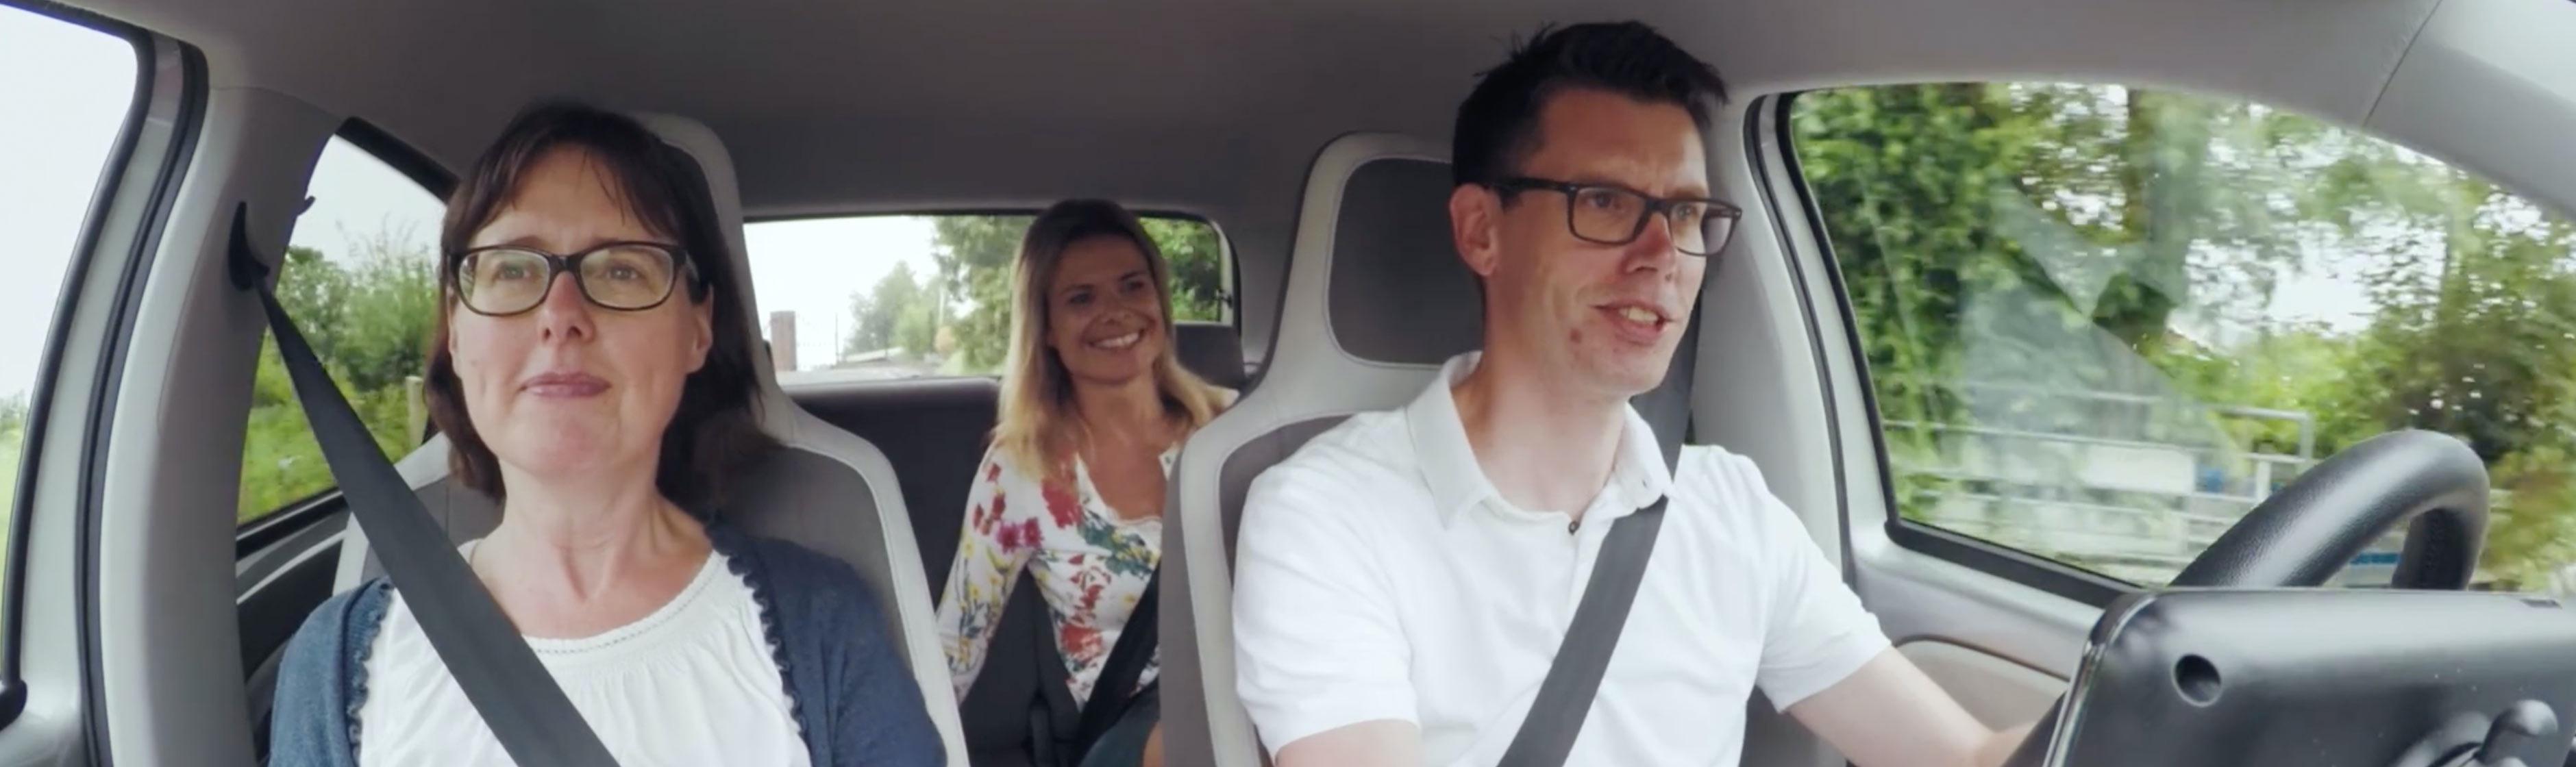 Bob, Annika en Odiel in de auto